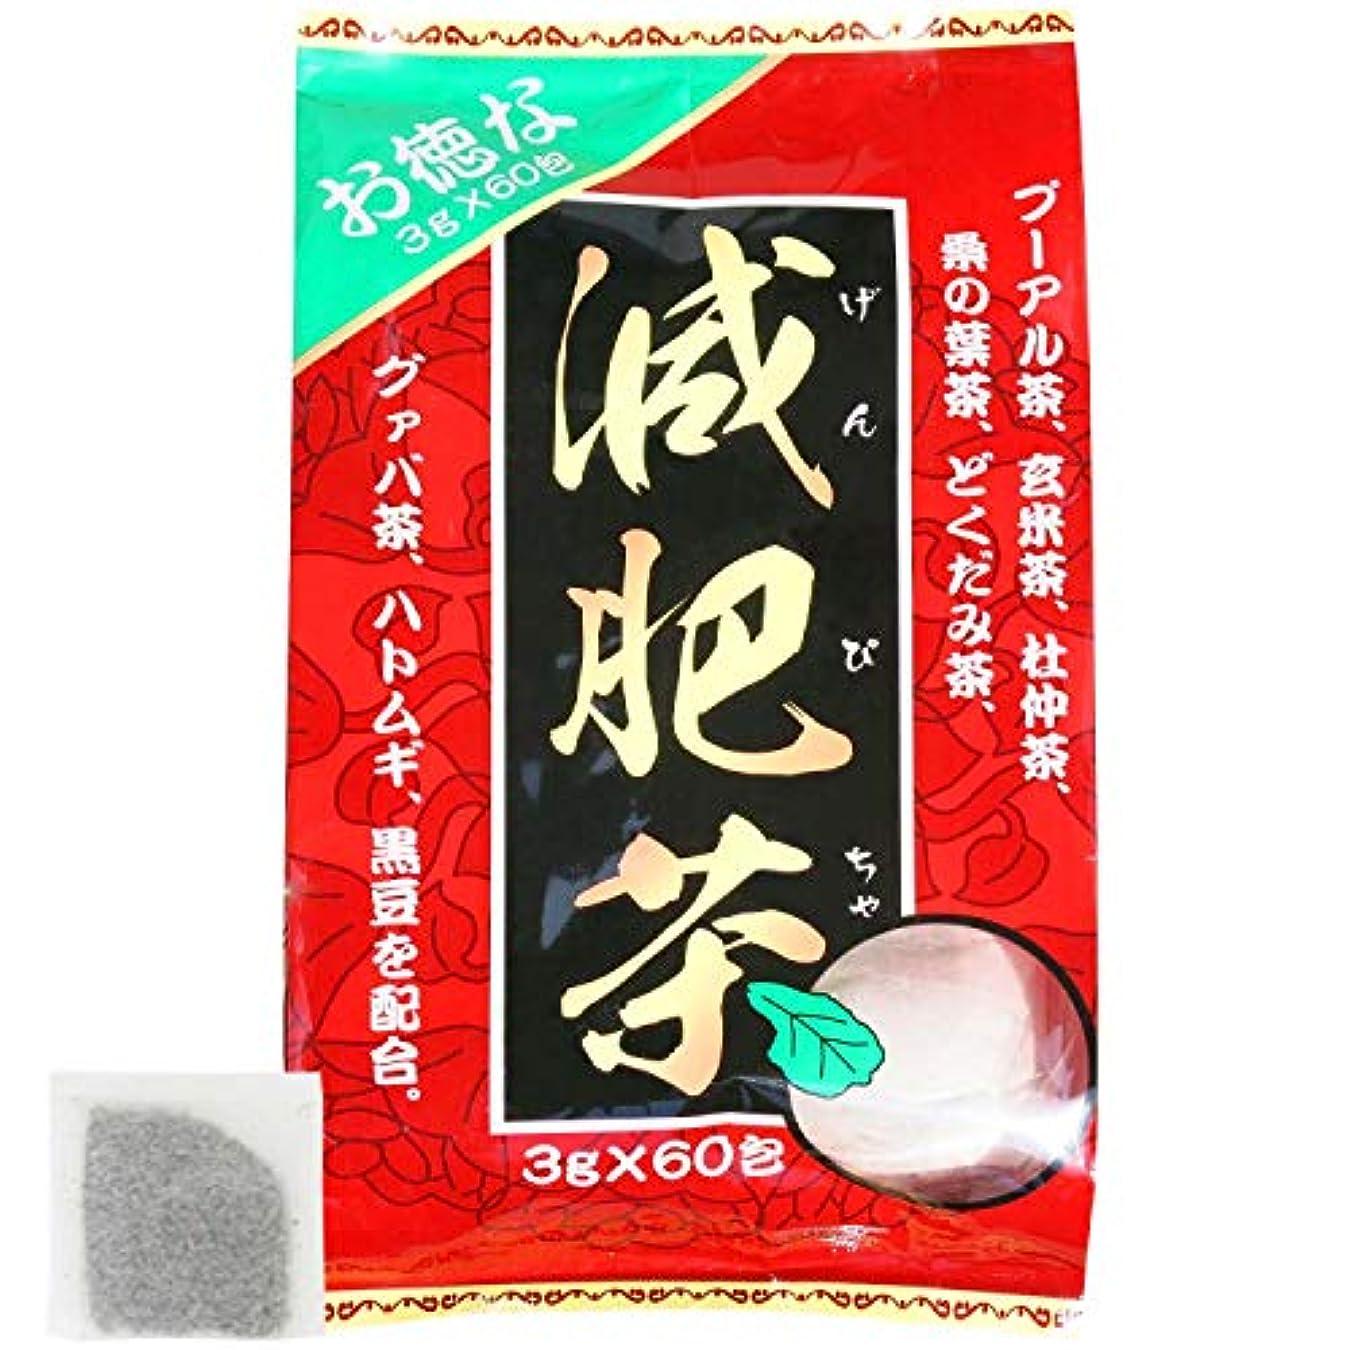 あたり批評収容するユウキ製薬 お徳な減肥茶 30-60日分 3g×60包